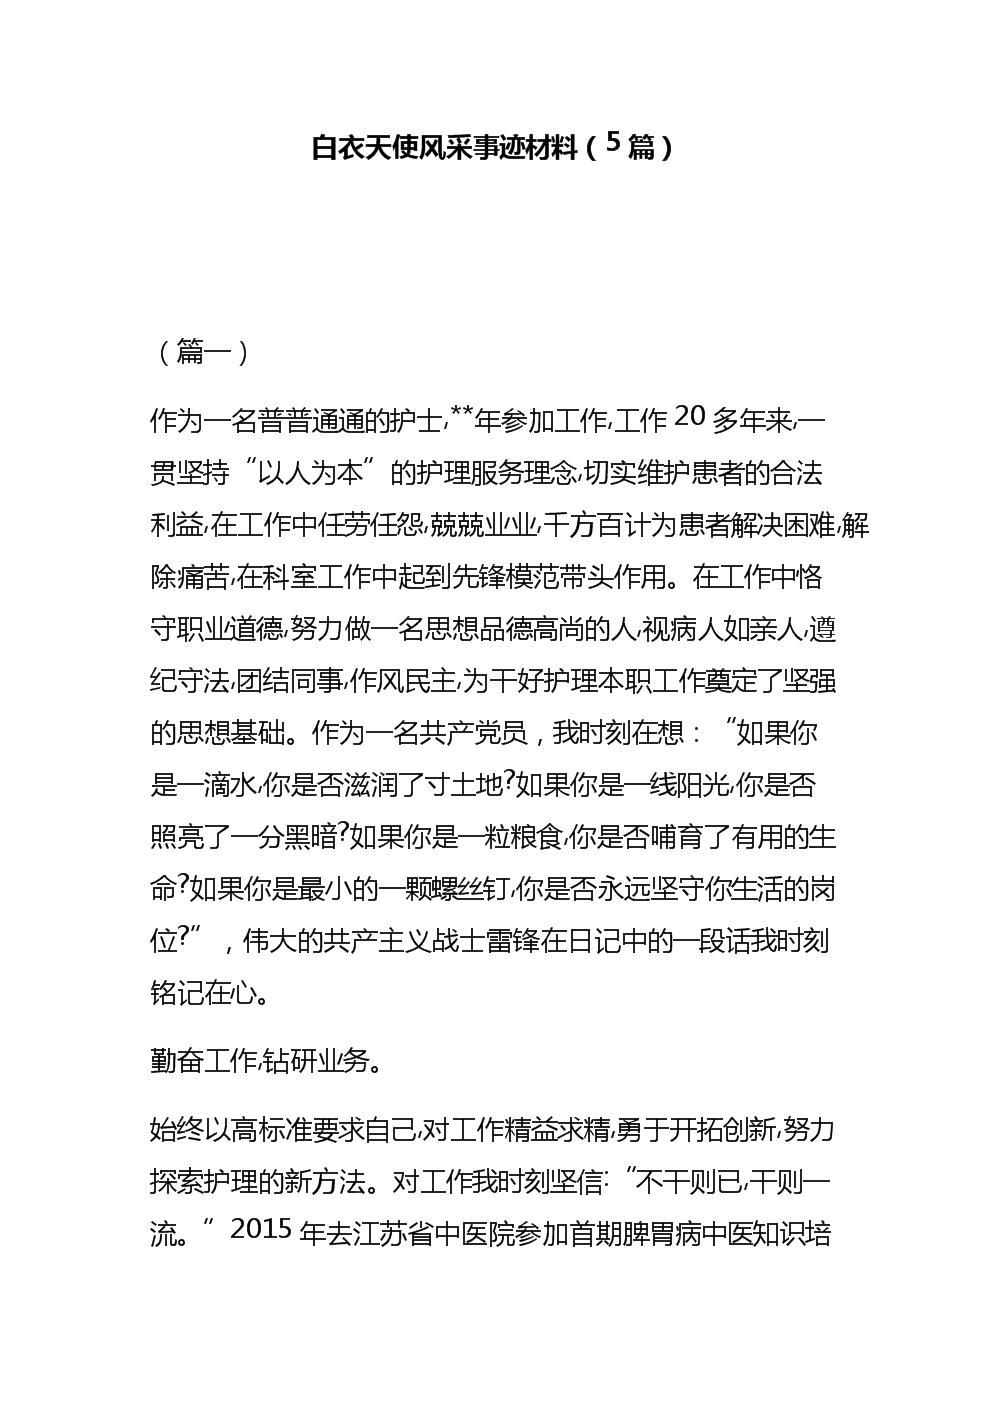 白衣天使风采事迹材料(5篇).docx